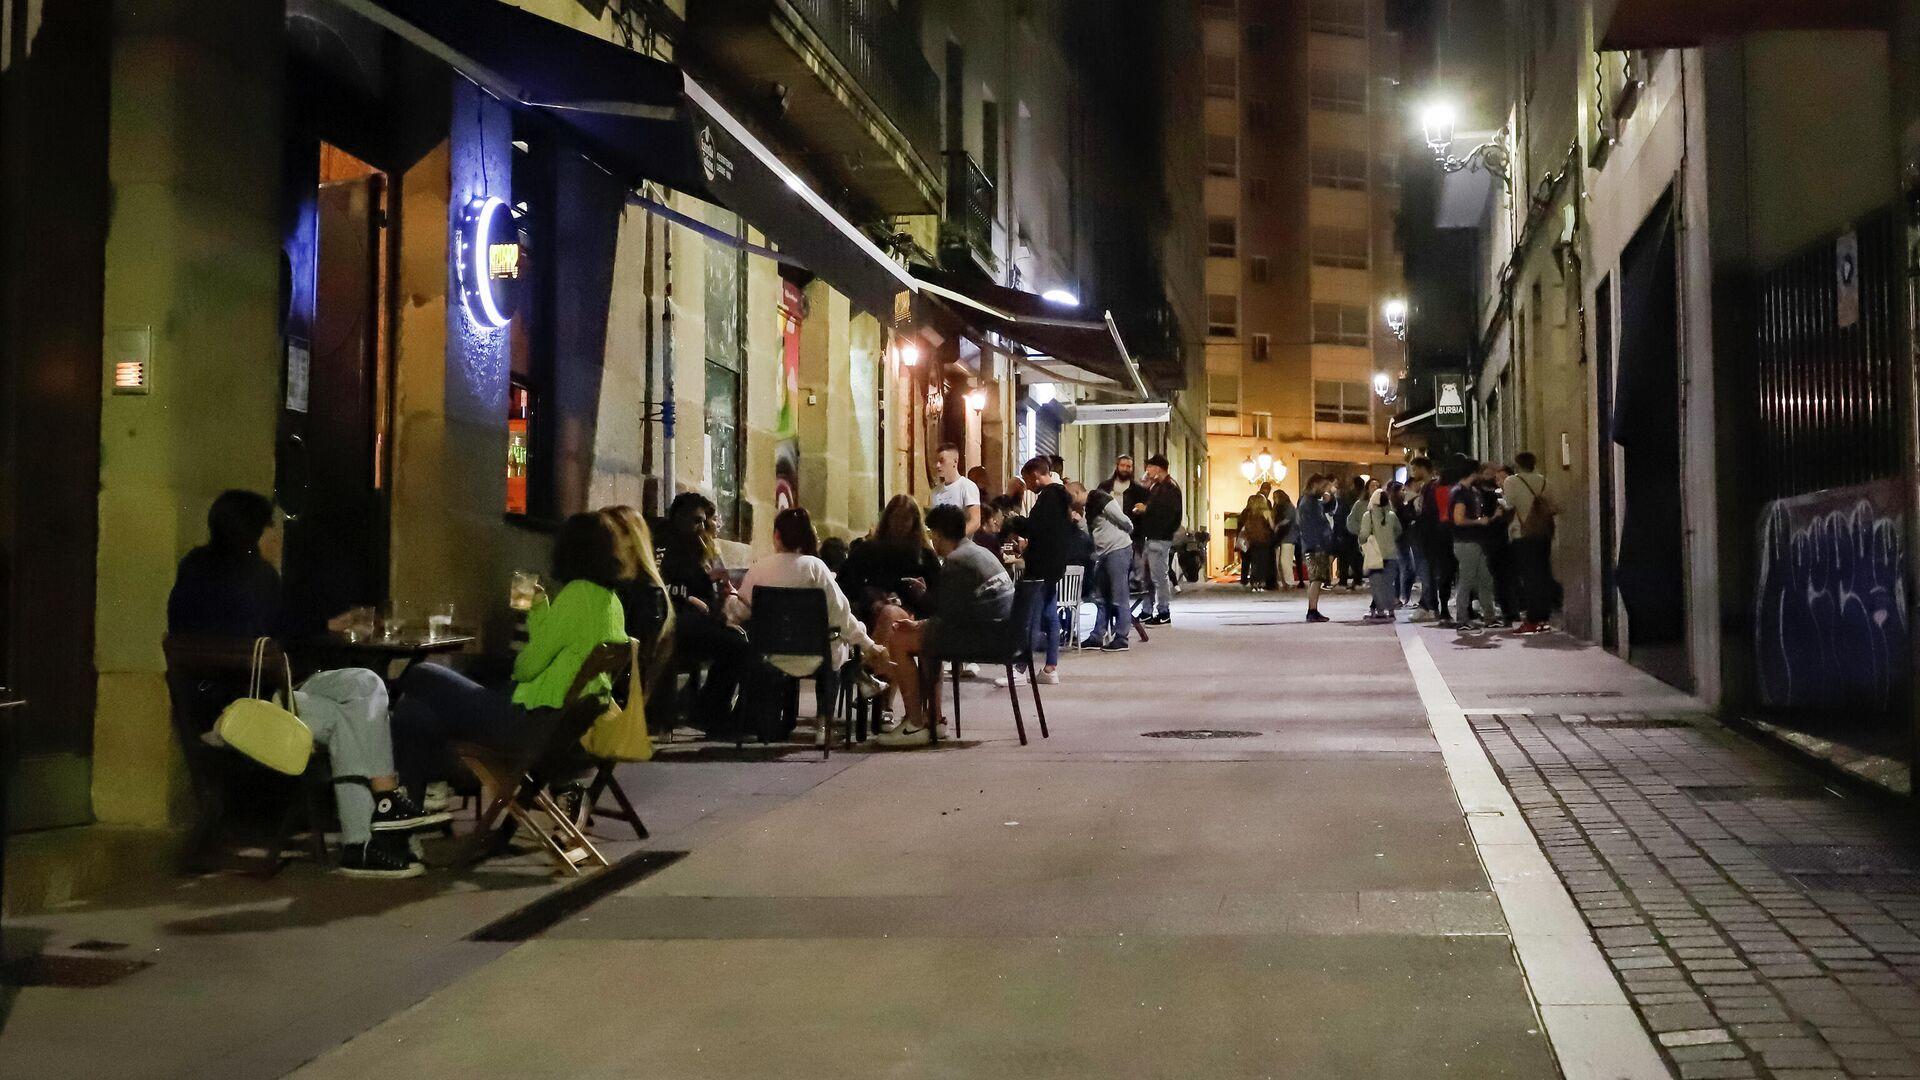 Cambian en Galicia las condiciones para acceder a bares y restaurantes - Sputnik Mundo, 1920, 27.09.2021